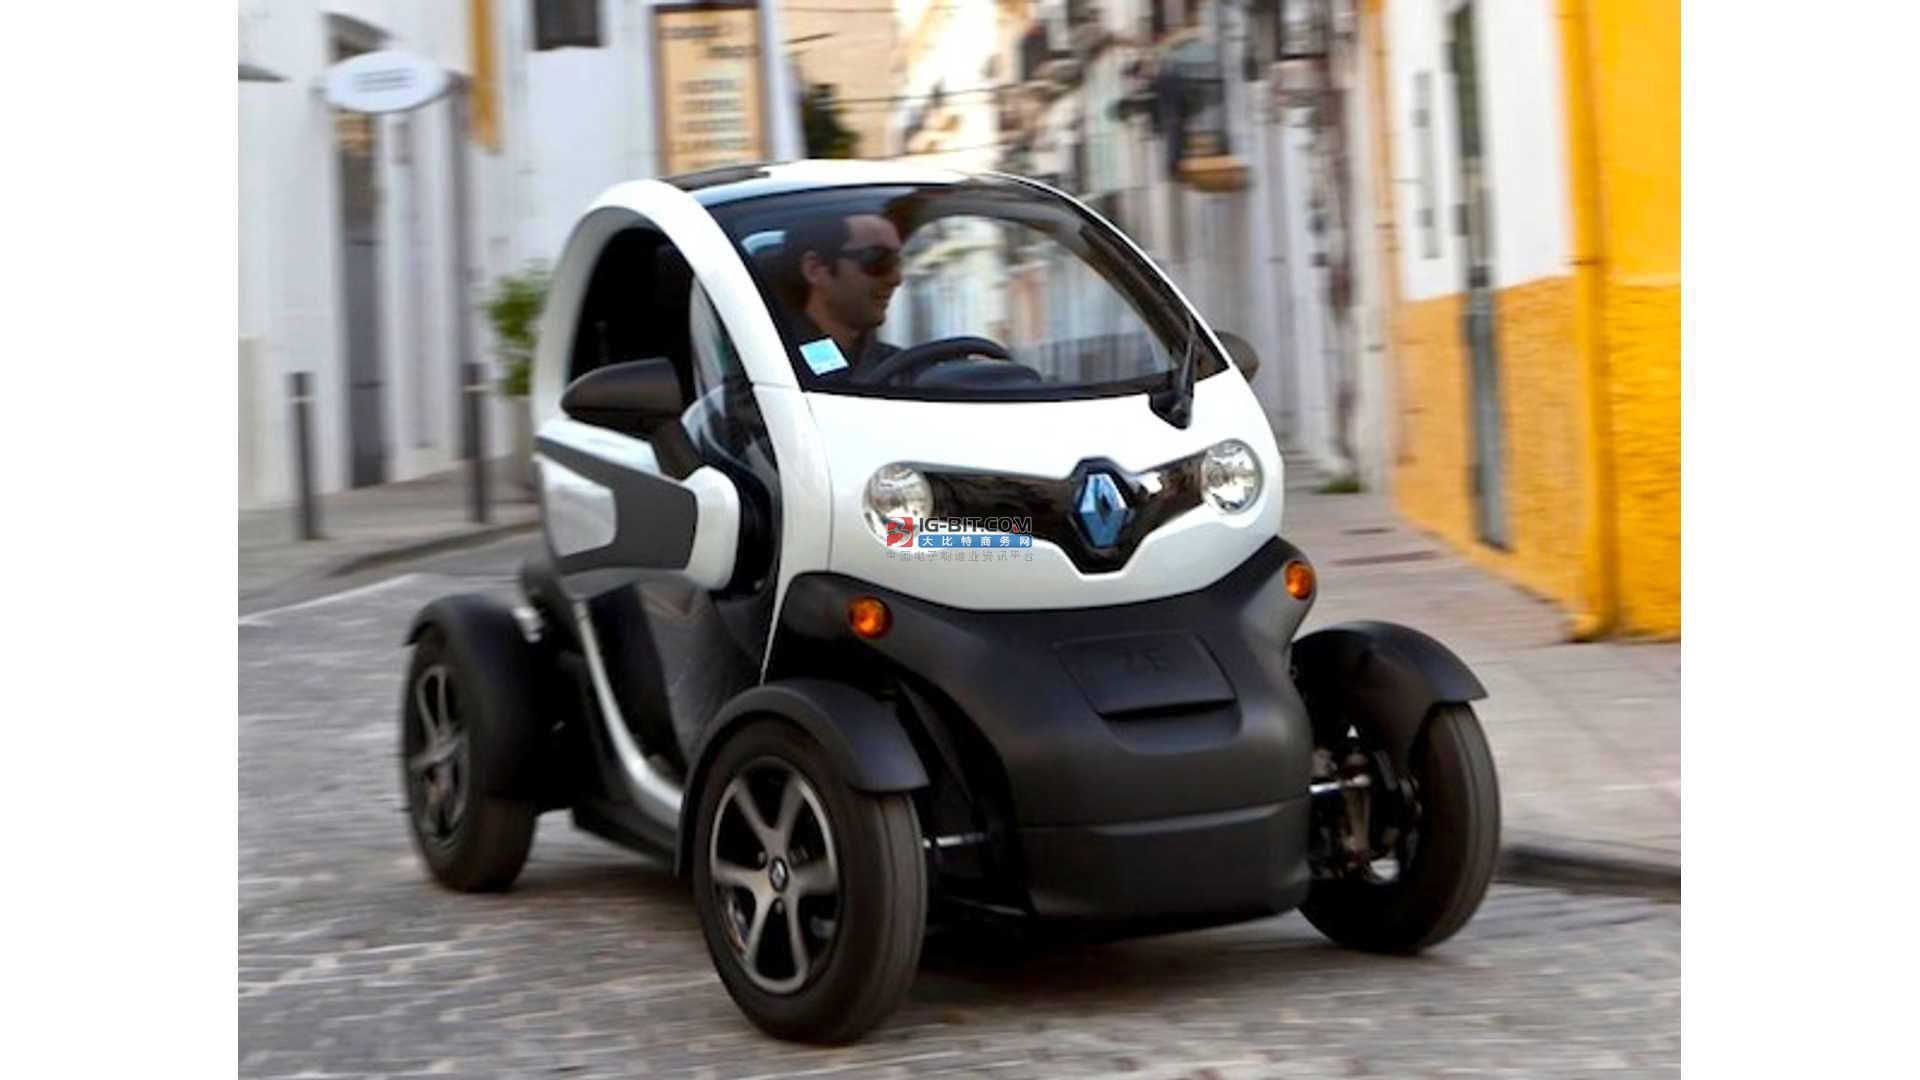 停车利器!丰田或将推出全新微型纯电动代步车:电池可拆卸